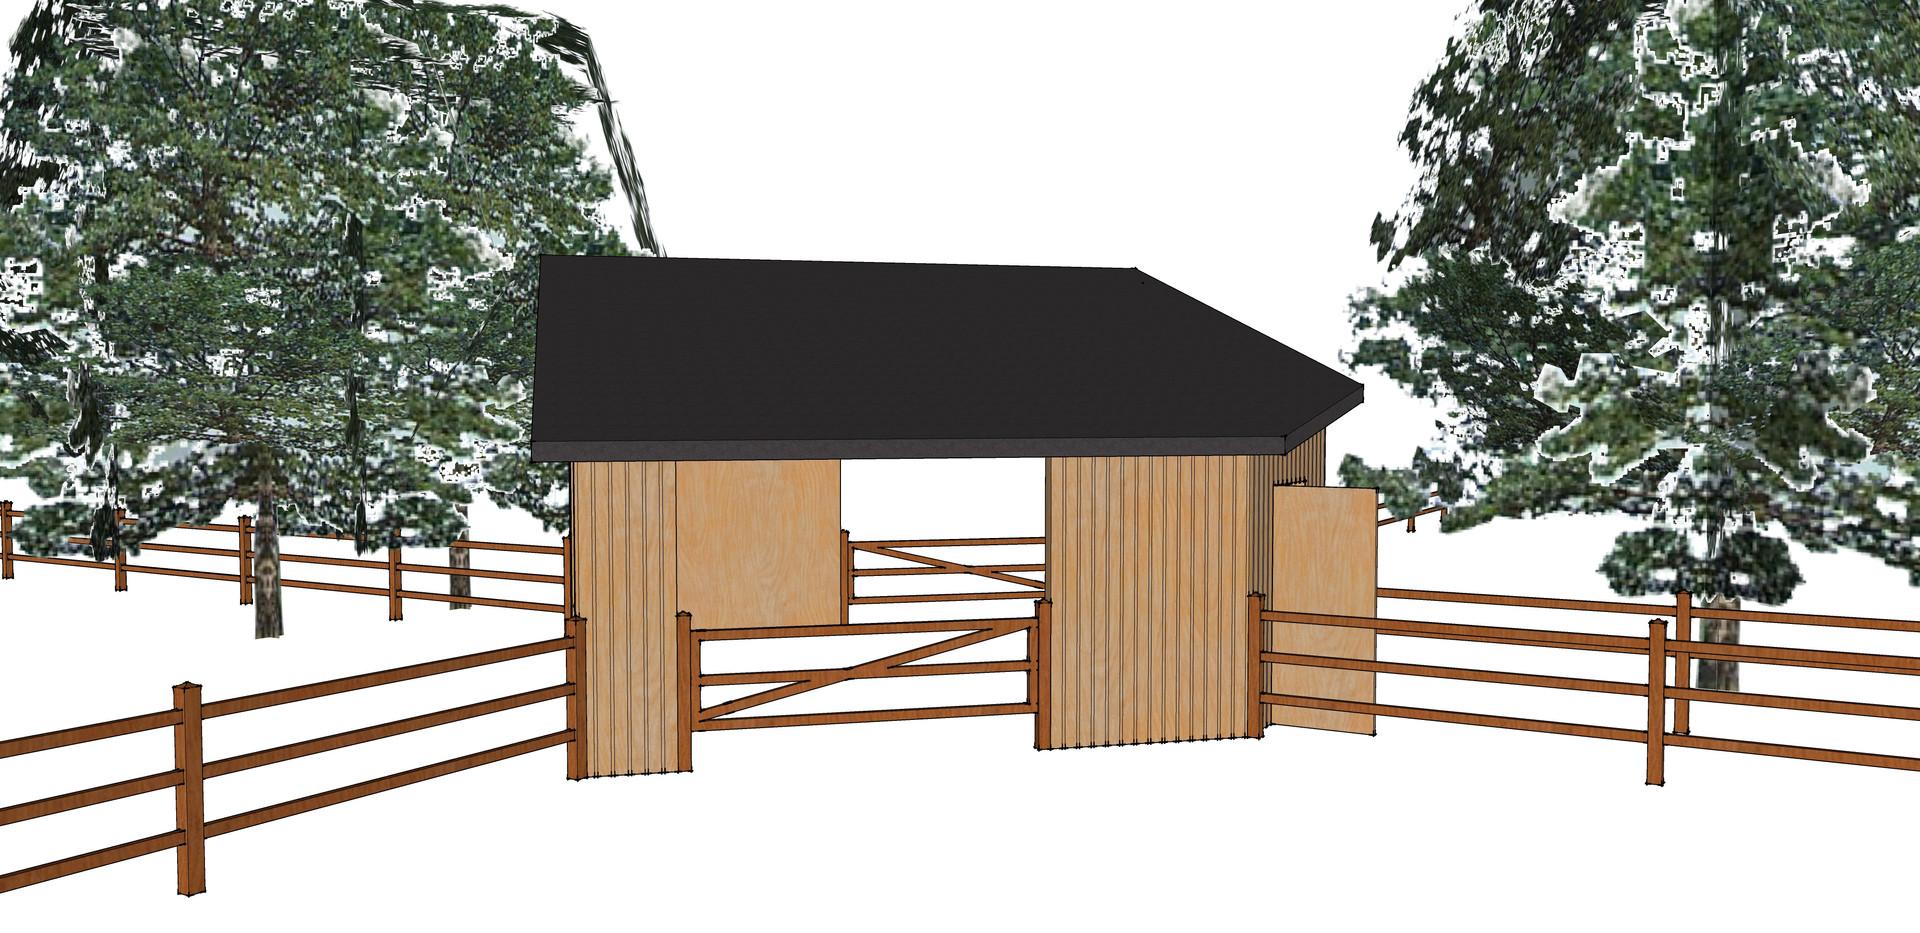 Sheep shelter1.jpg